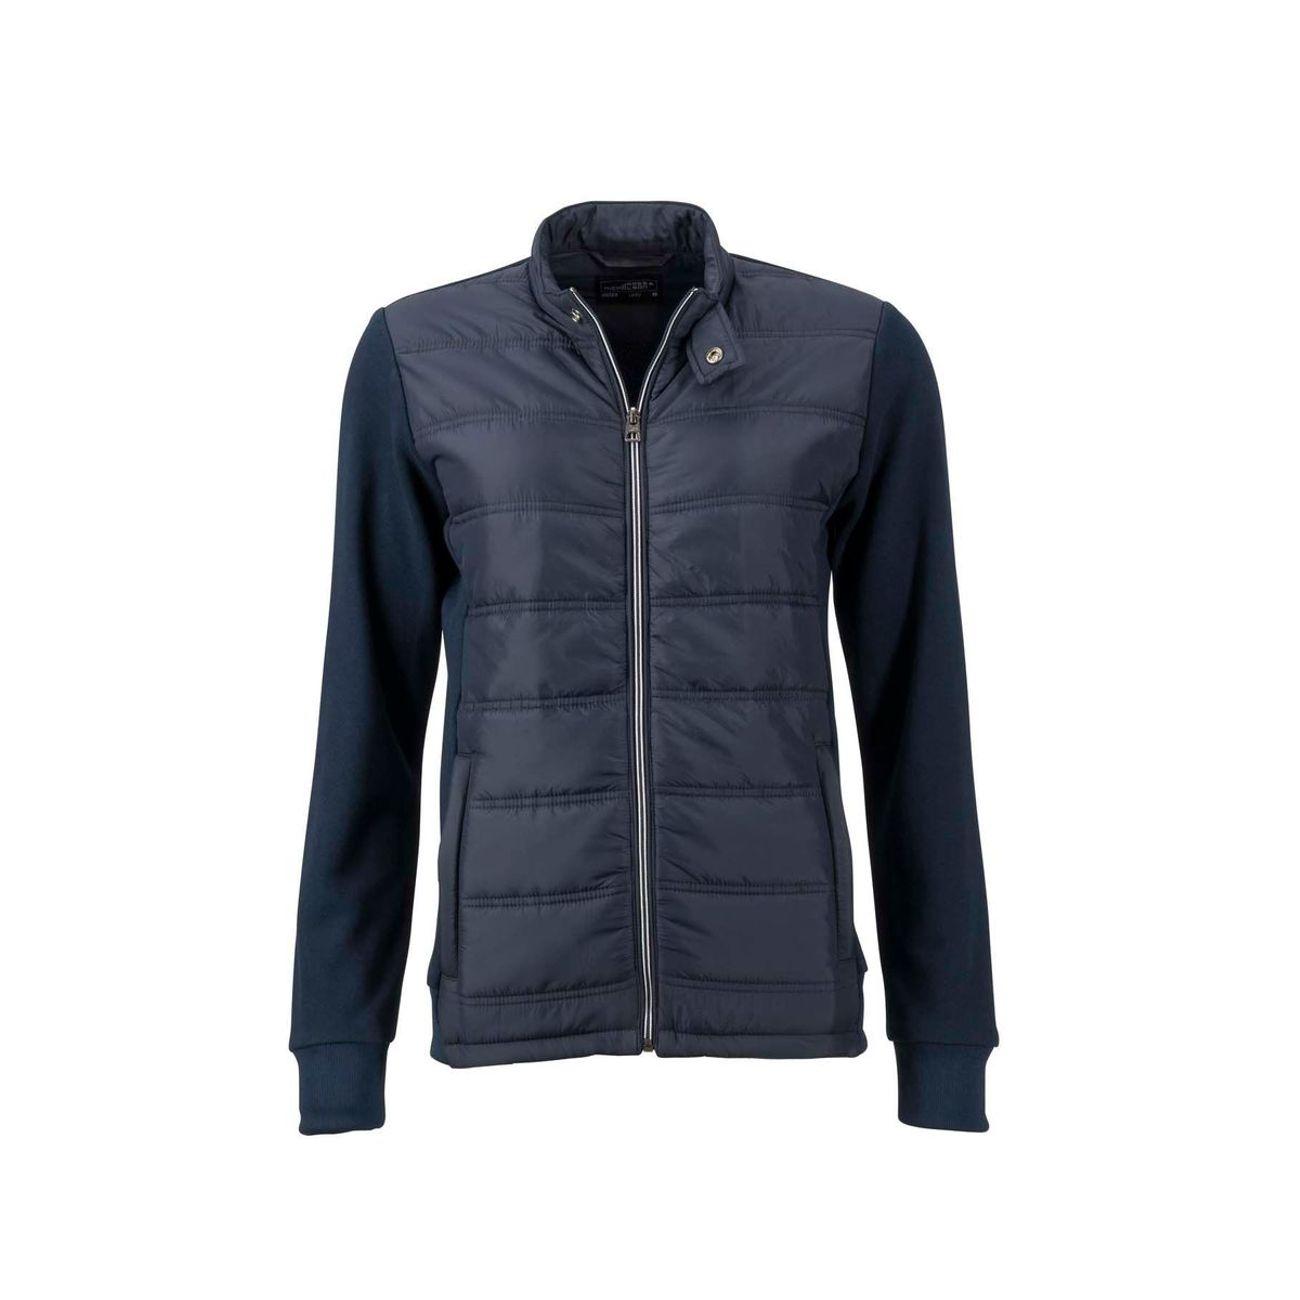 Sports d'hiver femme JAMES & NICHOLSON Veste hybride style sweat JN1123 bleu marine Doudoune Femme